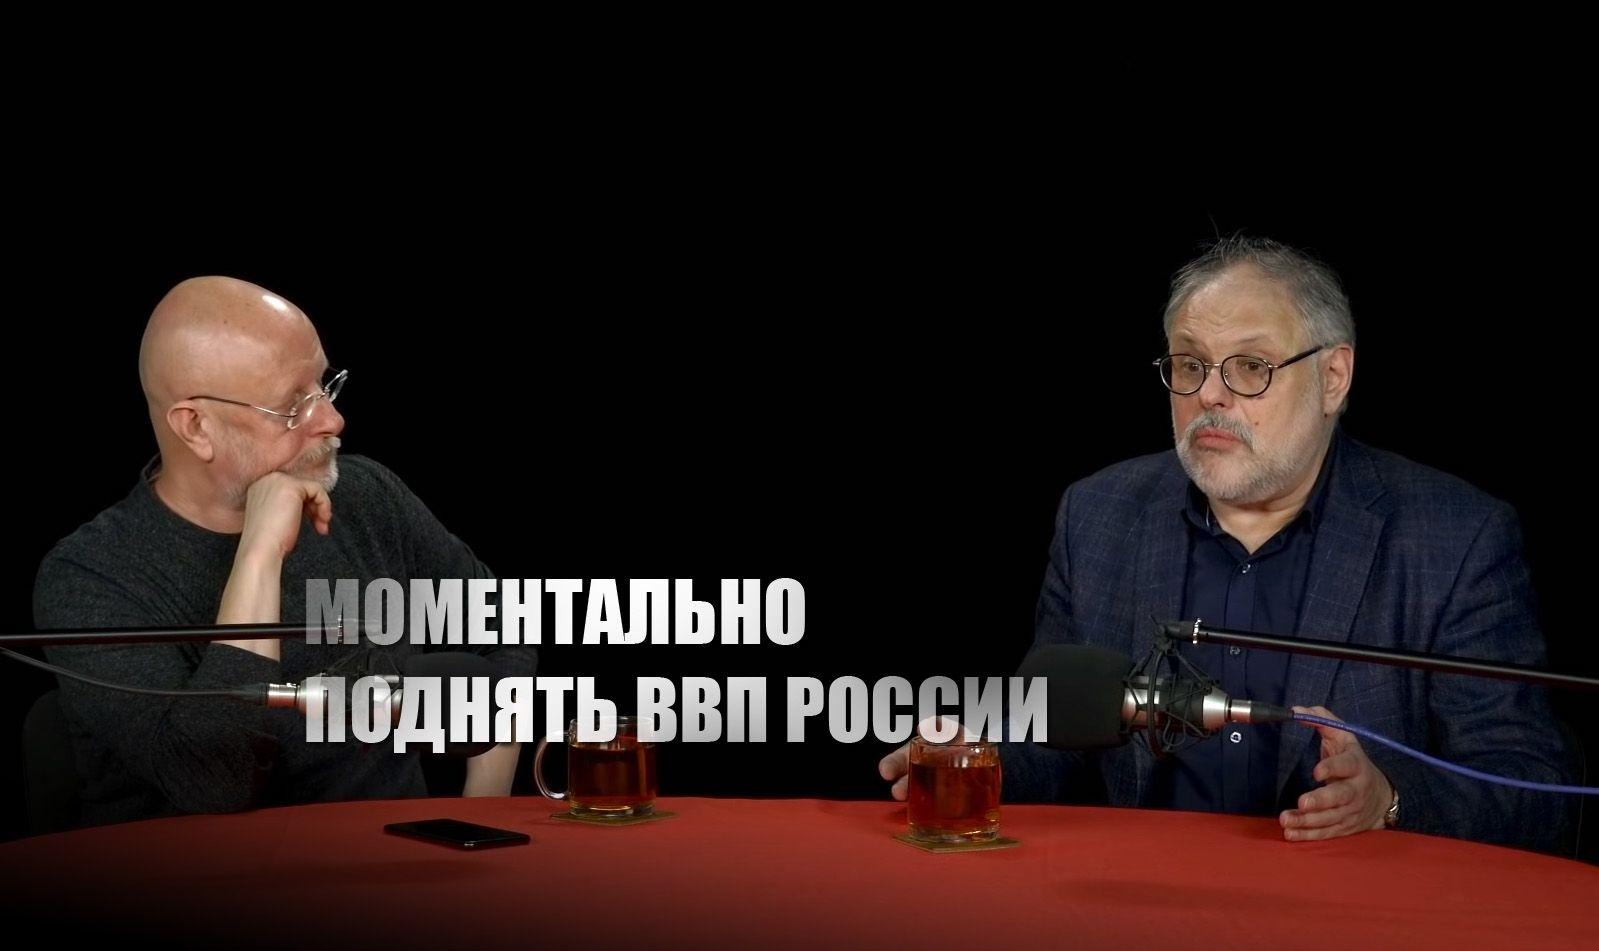 Хазин указал на место западным экспертам, заявляющим о «мизерном» ВВП России